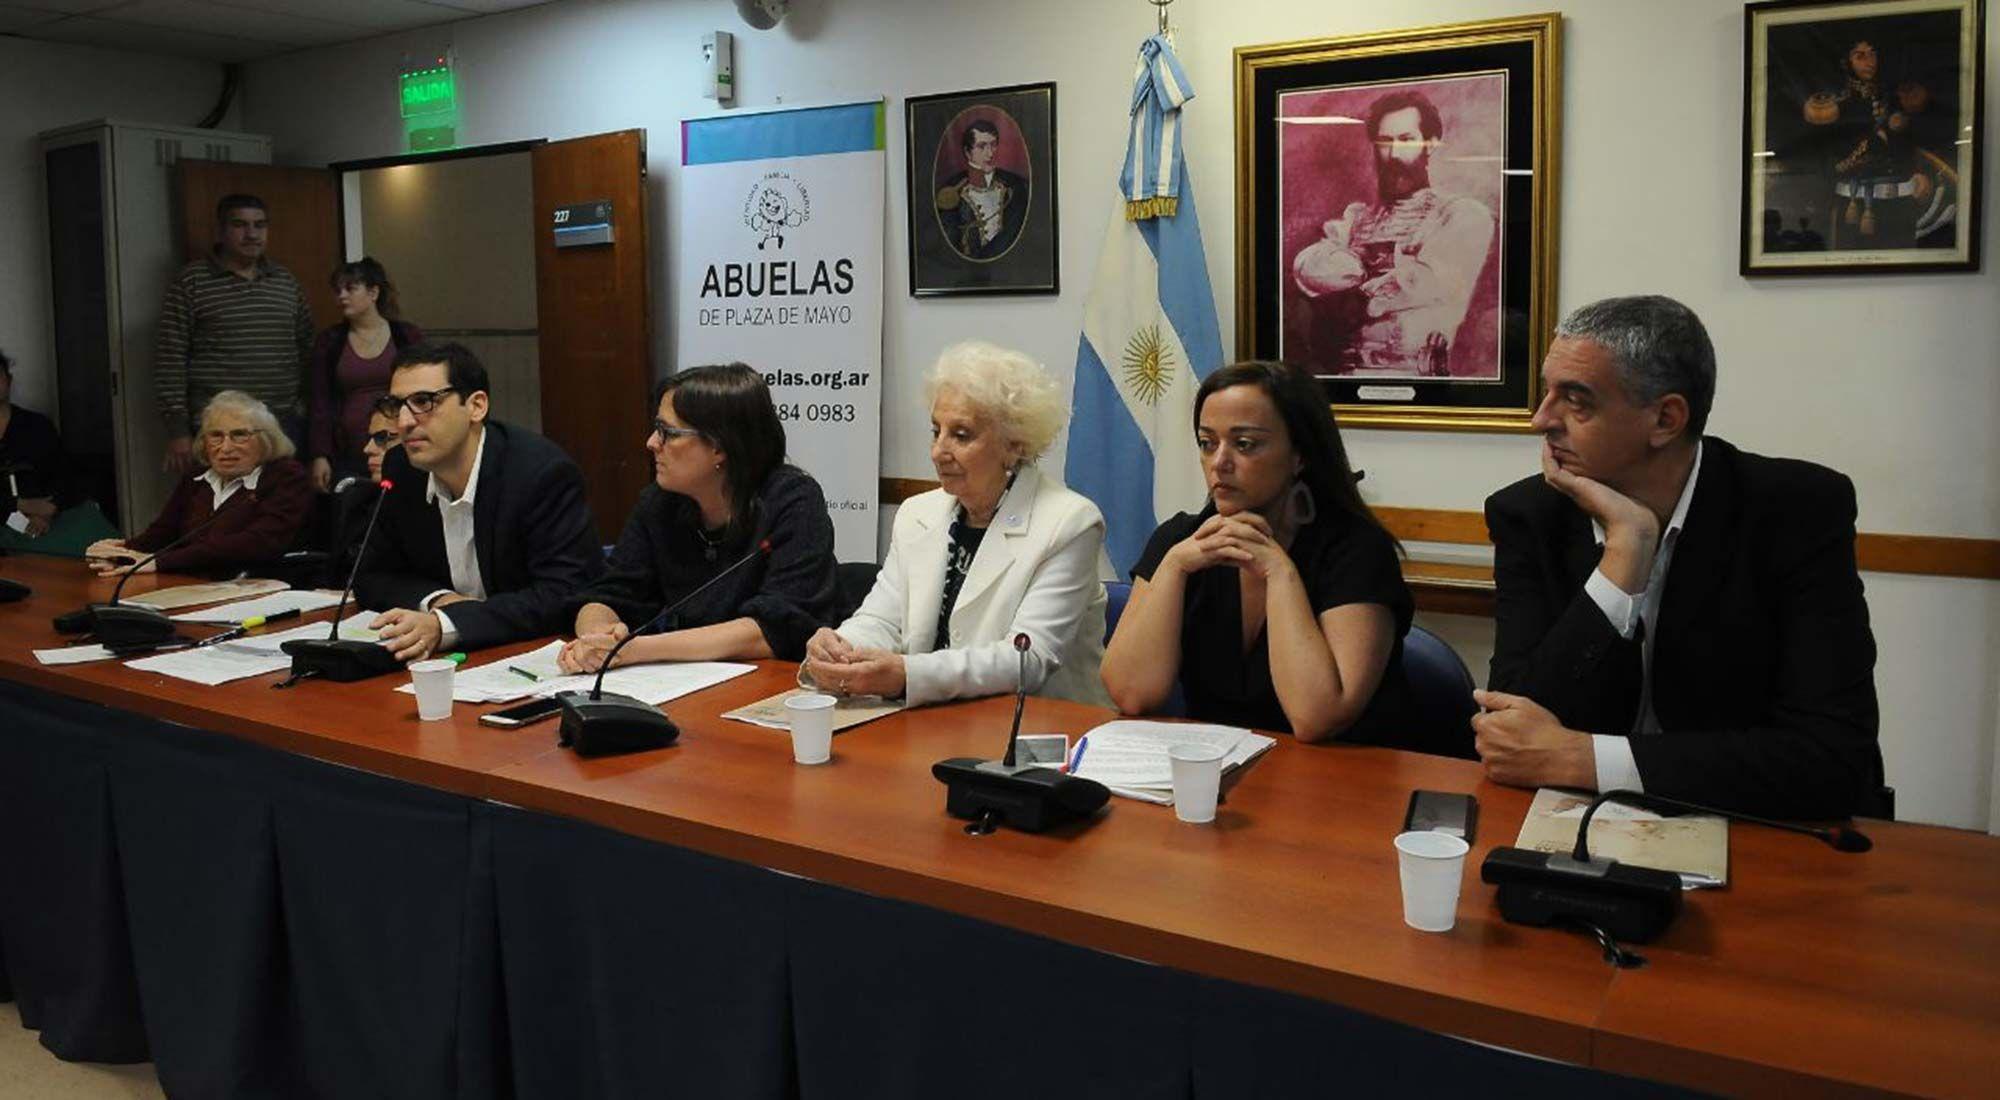 Abuelas de Plaza de Mayo presentará el jueves su anteproyecto de Ley de Fortalecimiento y Protección de la Memoria, la Verdad y la Justicia.